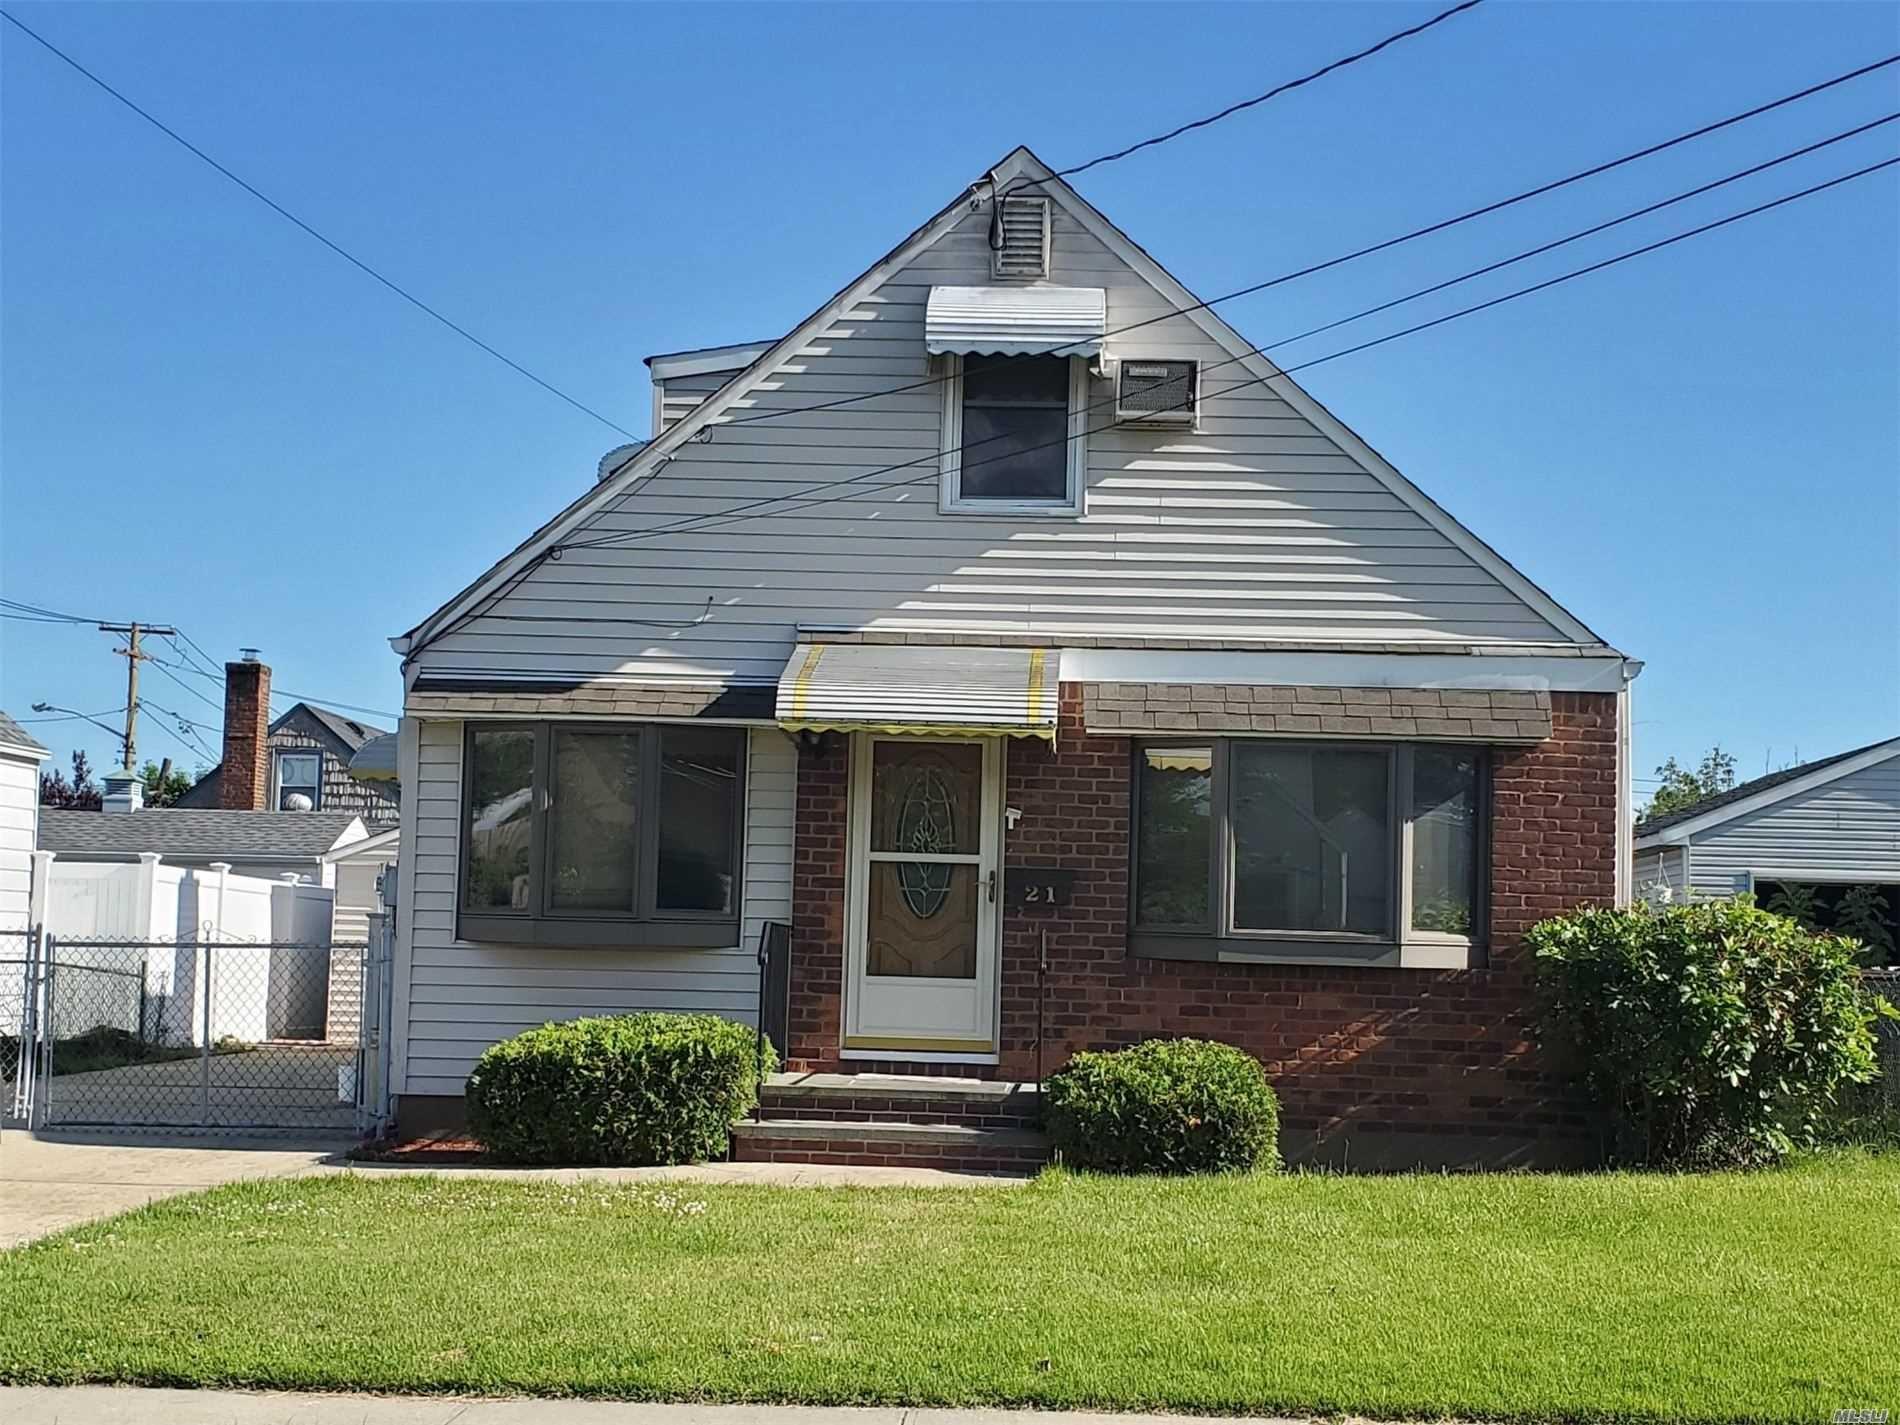 21 Marvin Ave, Hicksville, NY 11801 - MLS#: 3222686